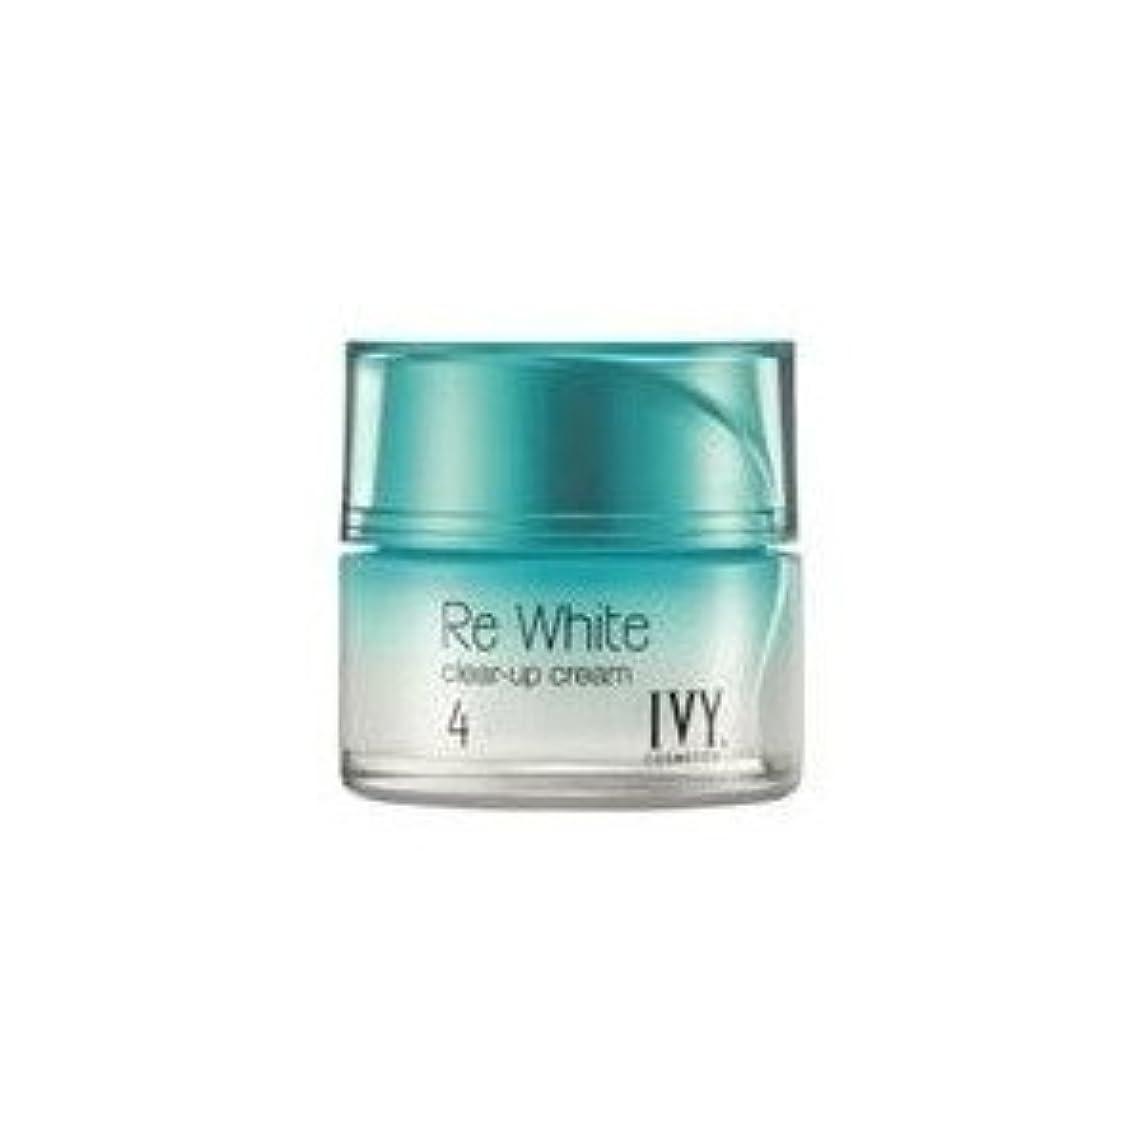 クリークズーム記述するアイビー化粧品 リ ホワイト クリアアップ クリーム  (乳液 ? クリーム) 30g